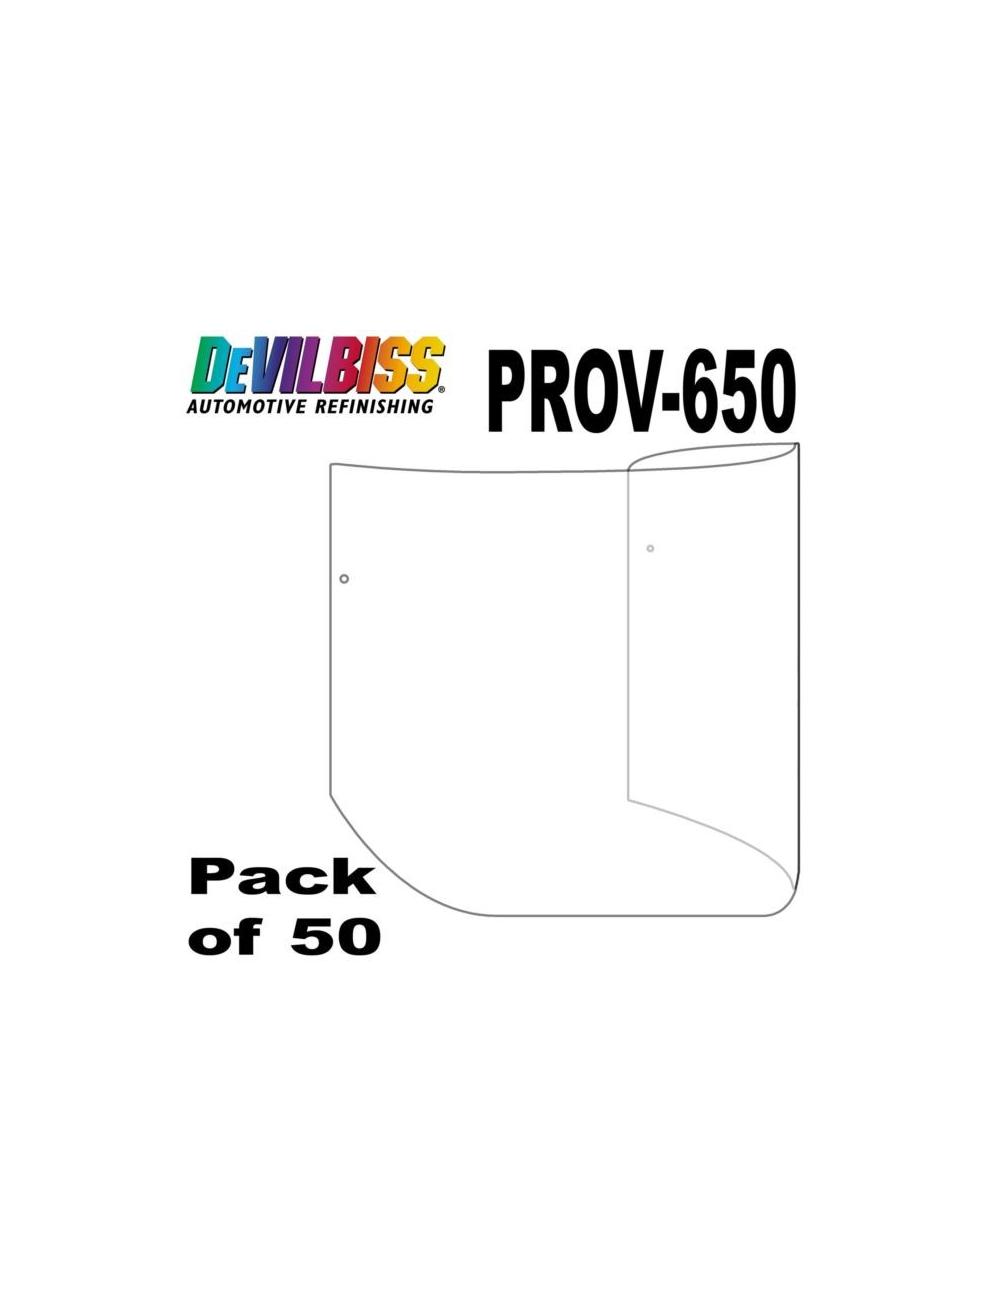 Visière Tire Off pour Masque PROV-650 Devilbiss (Sachet de 50) 5b8e6f6ba152